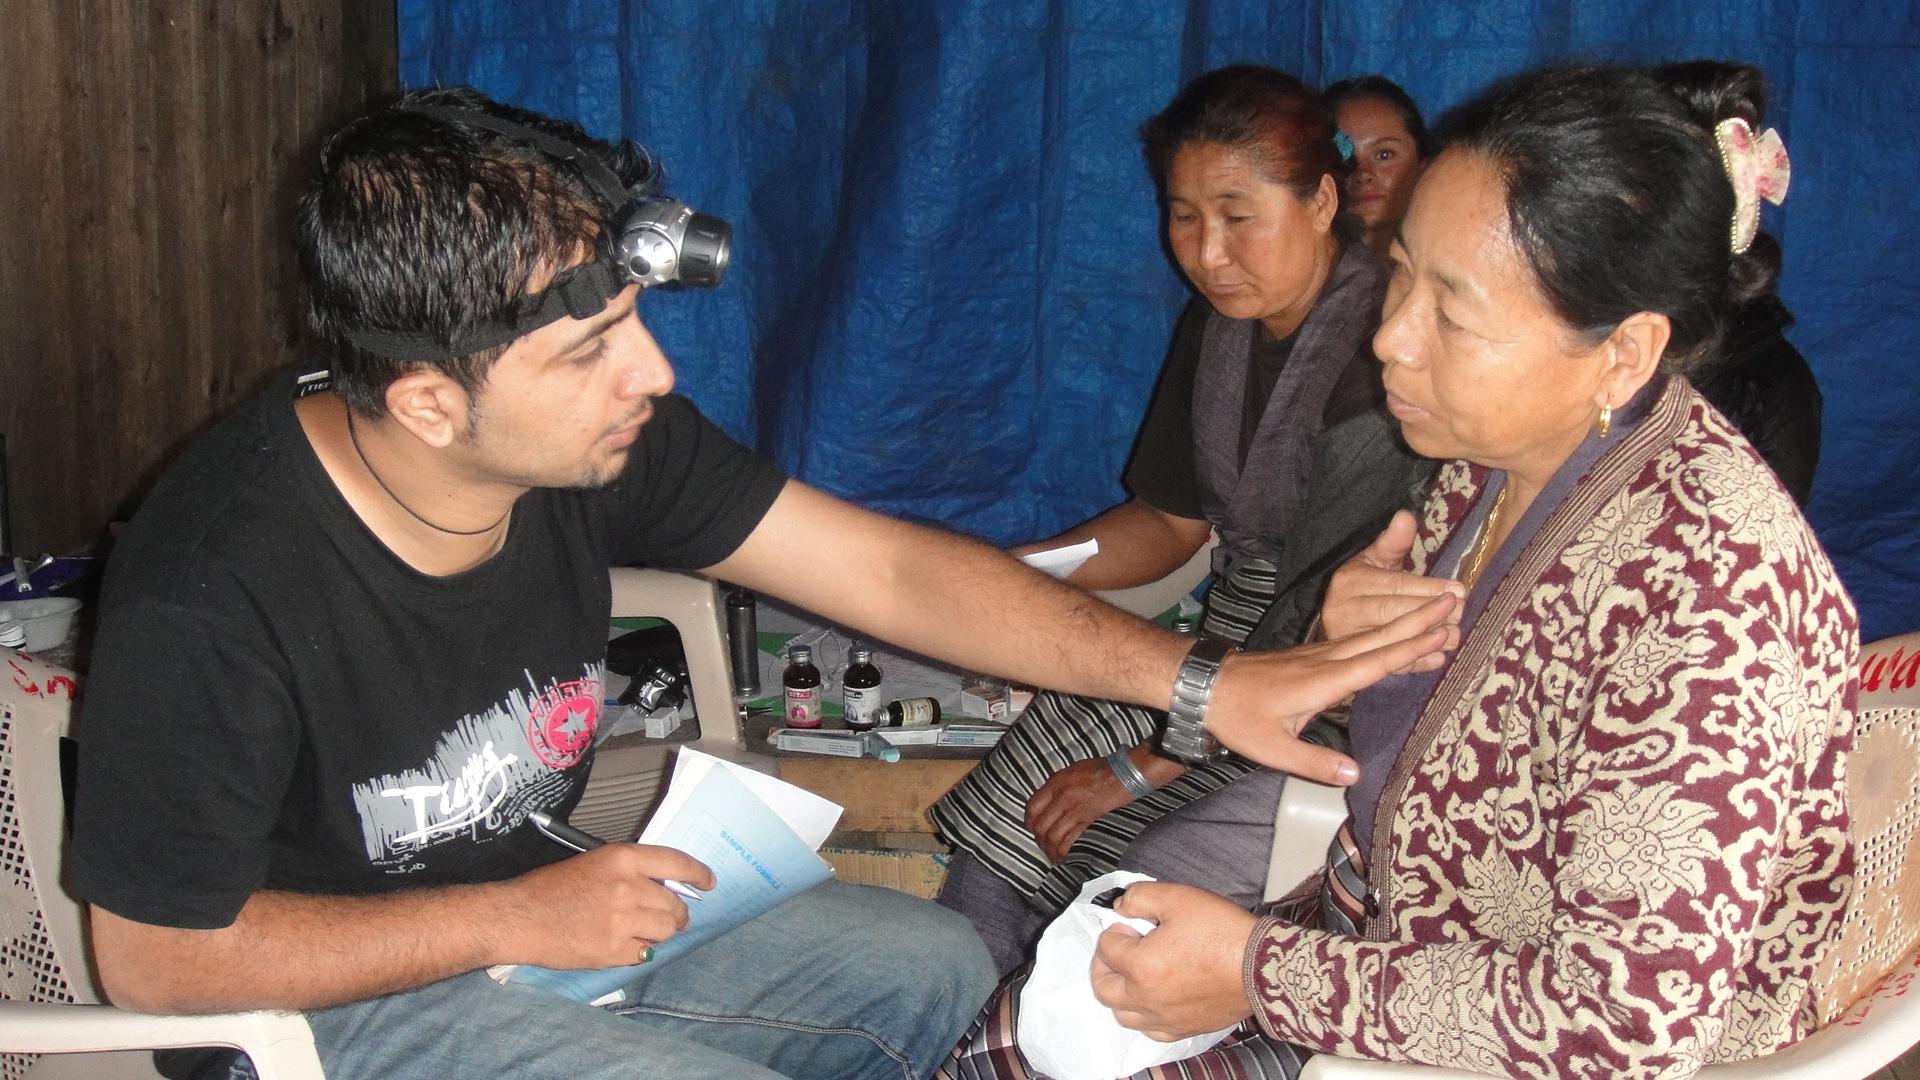 Volunteering_Students_Medical_Adventure_Alternative_Nepal.JPG